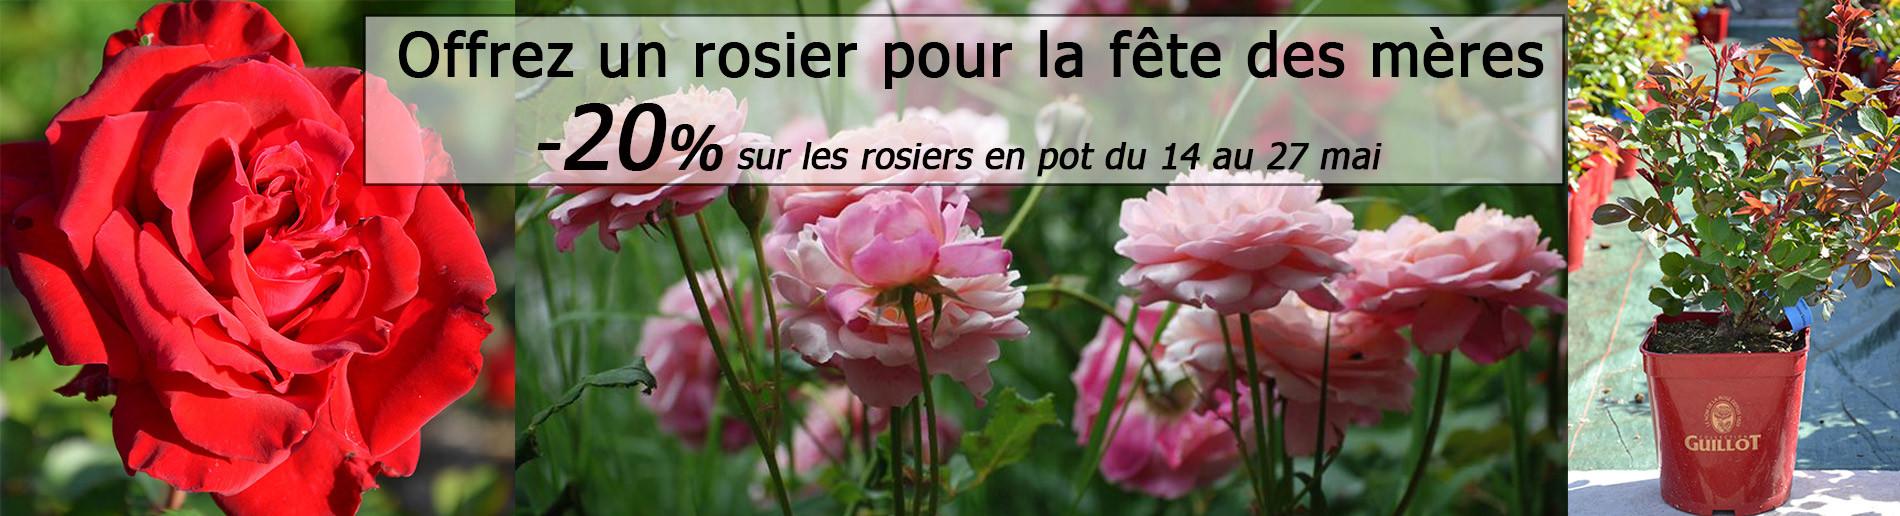 -20% sur tous les rosiers en pot